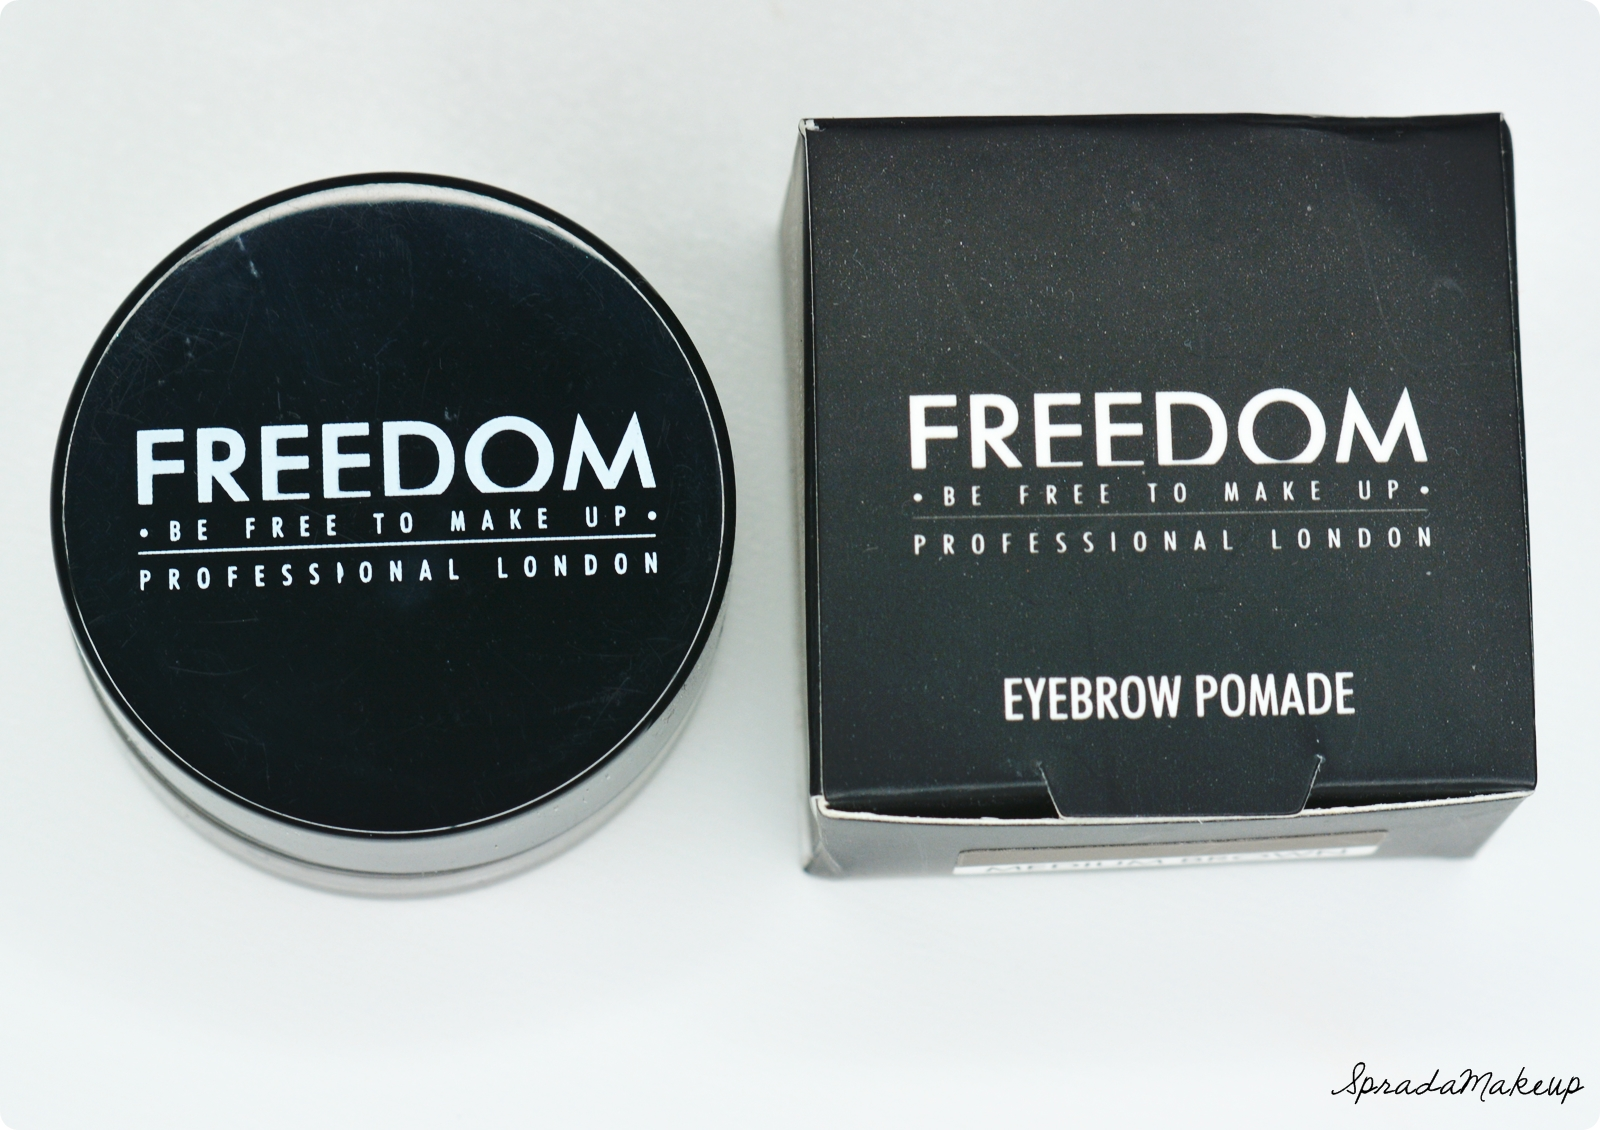 Spradamakeup Blog O Urodzie Recenzja Freedom Eyebrow Pomade